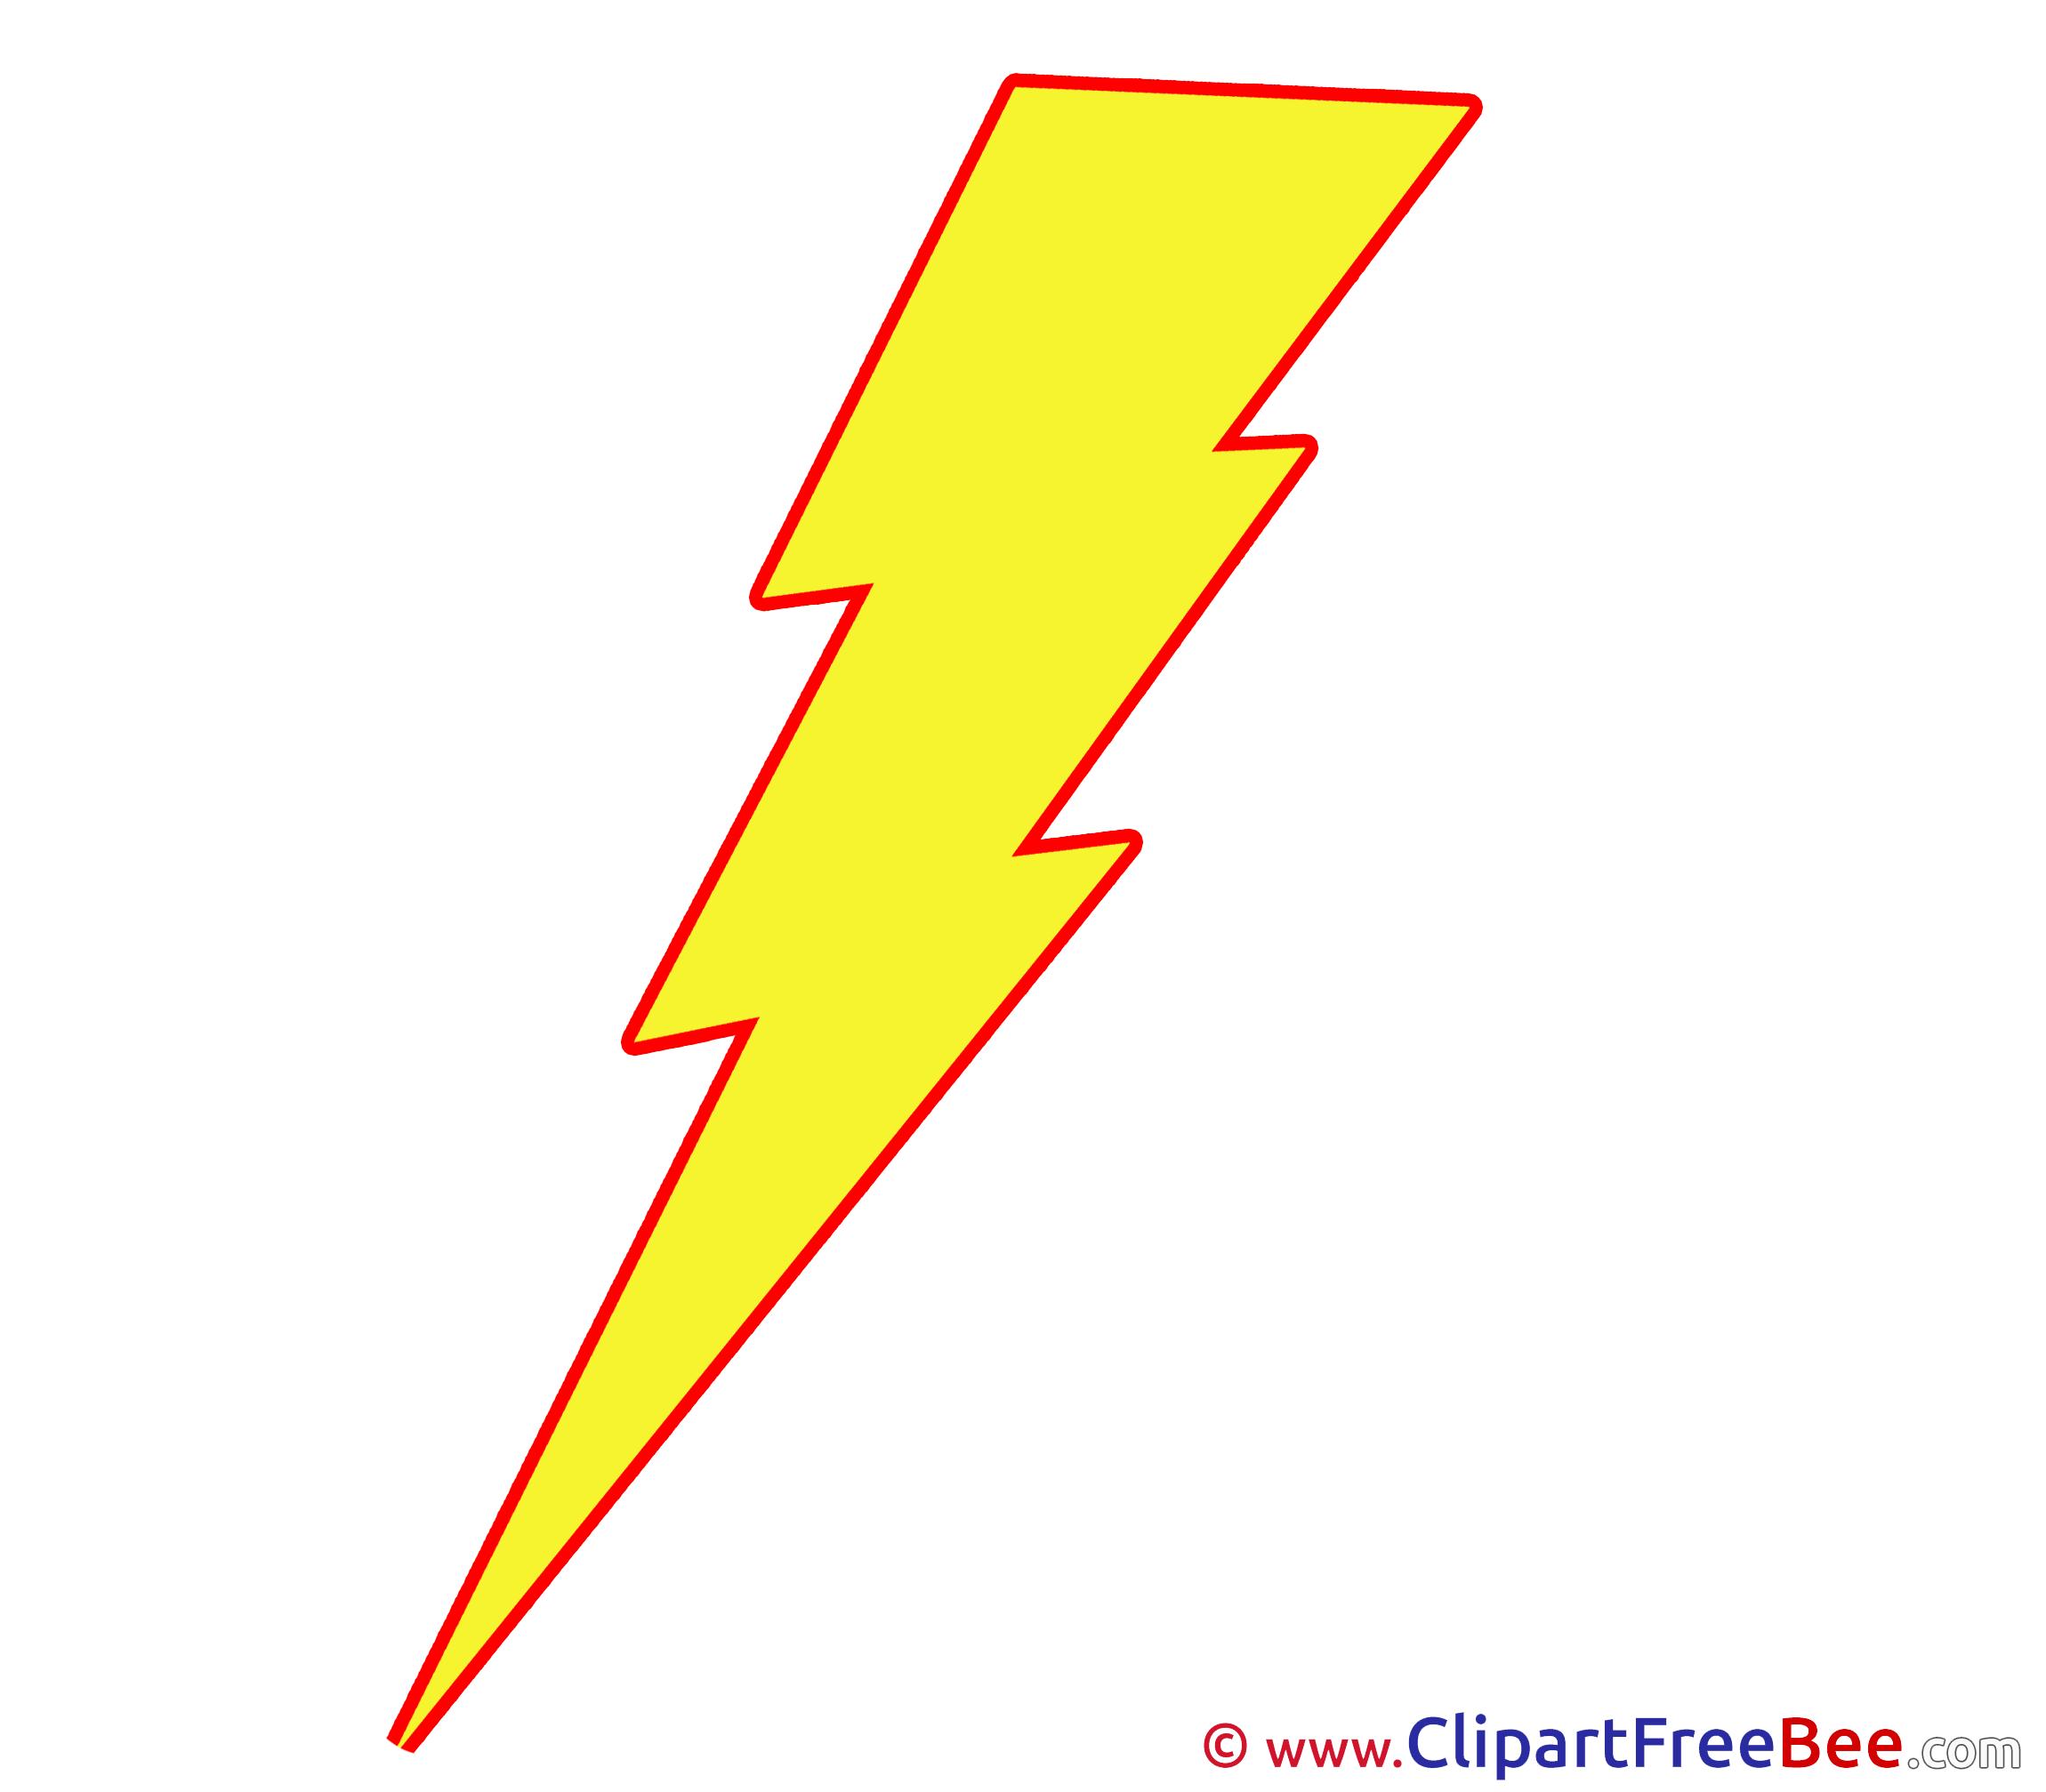 Lightning printable Images for download